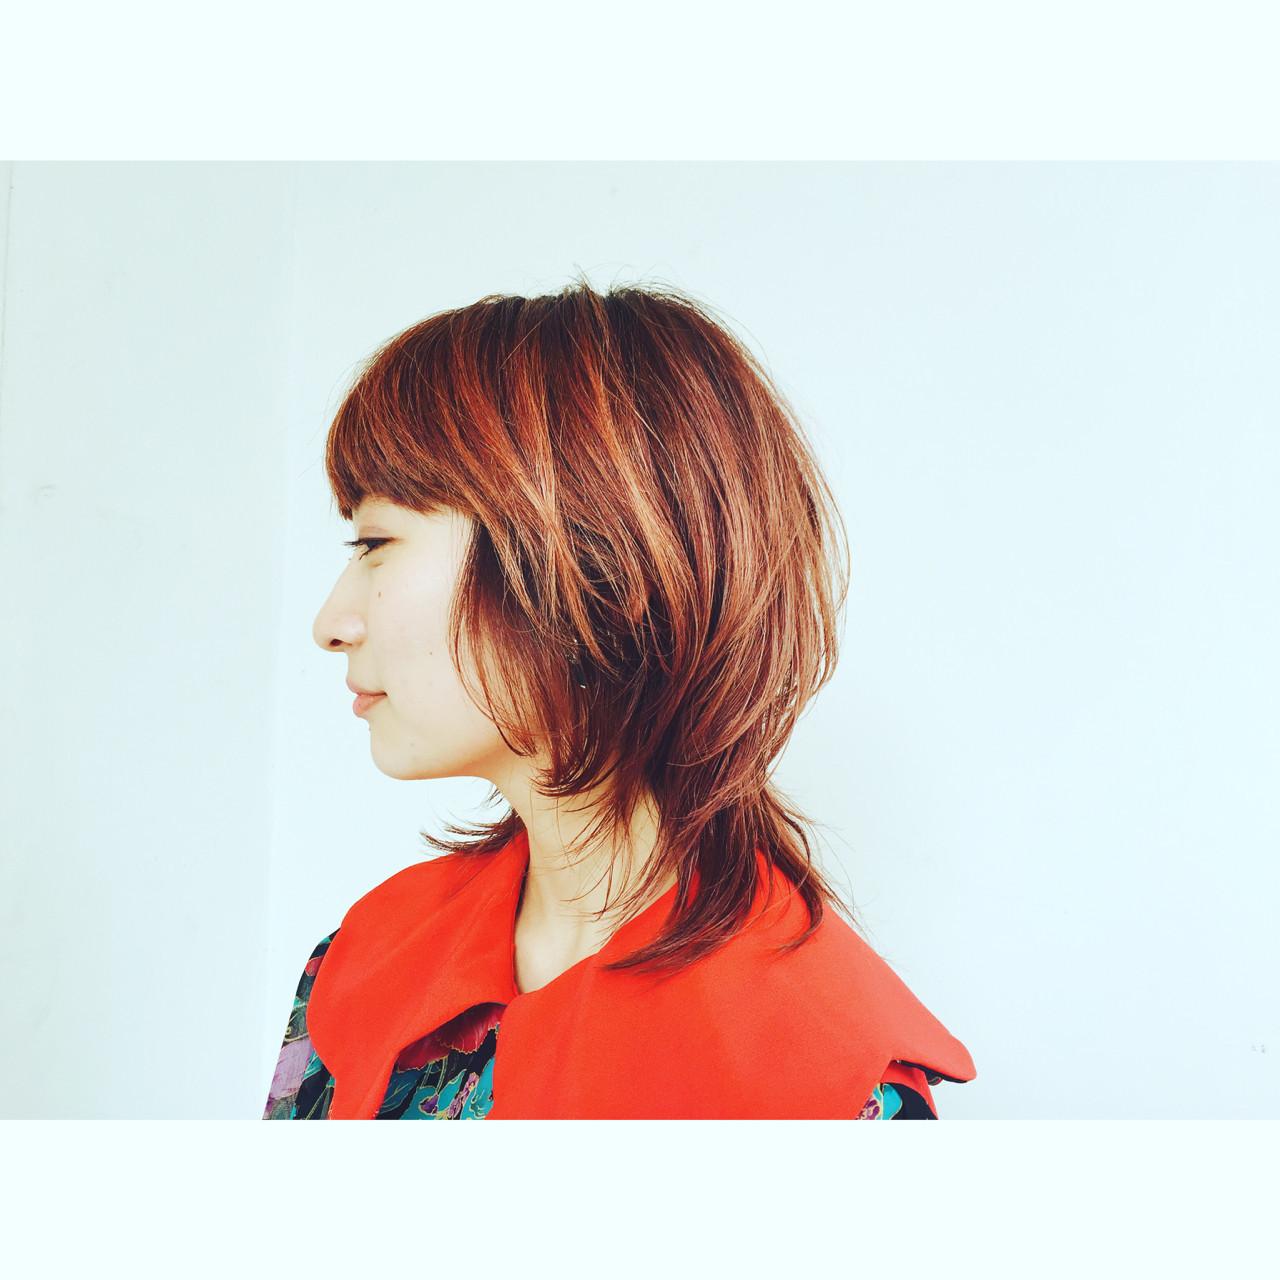 モード ミディアム マッシュ ウルフカット ヘアスタイルや髪型の写真・画像